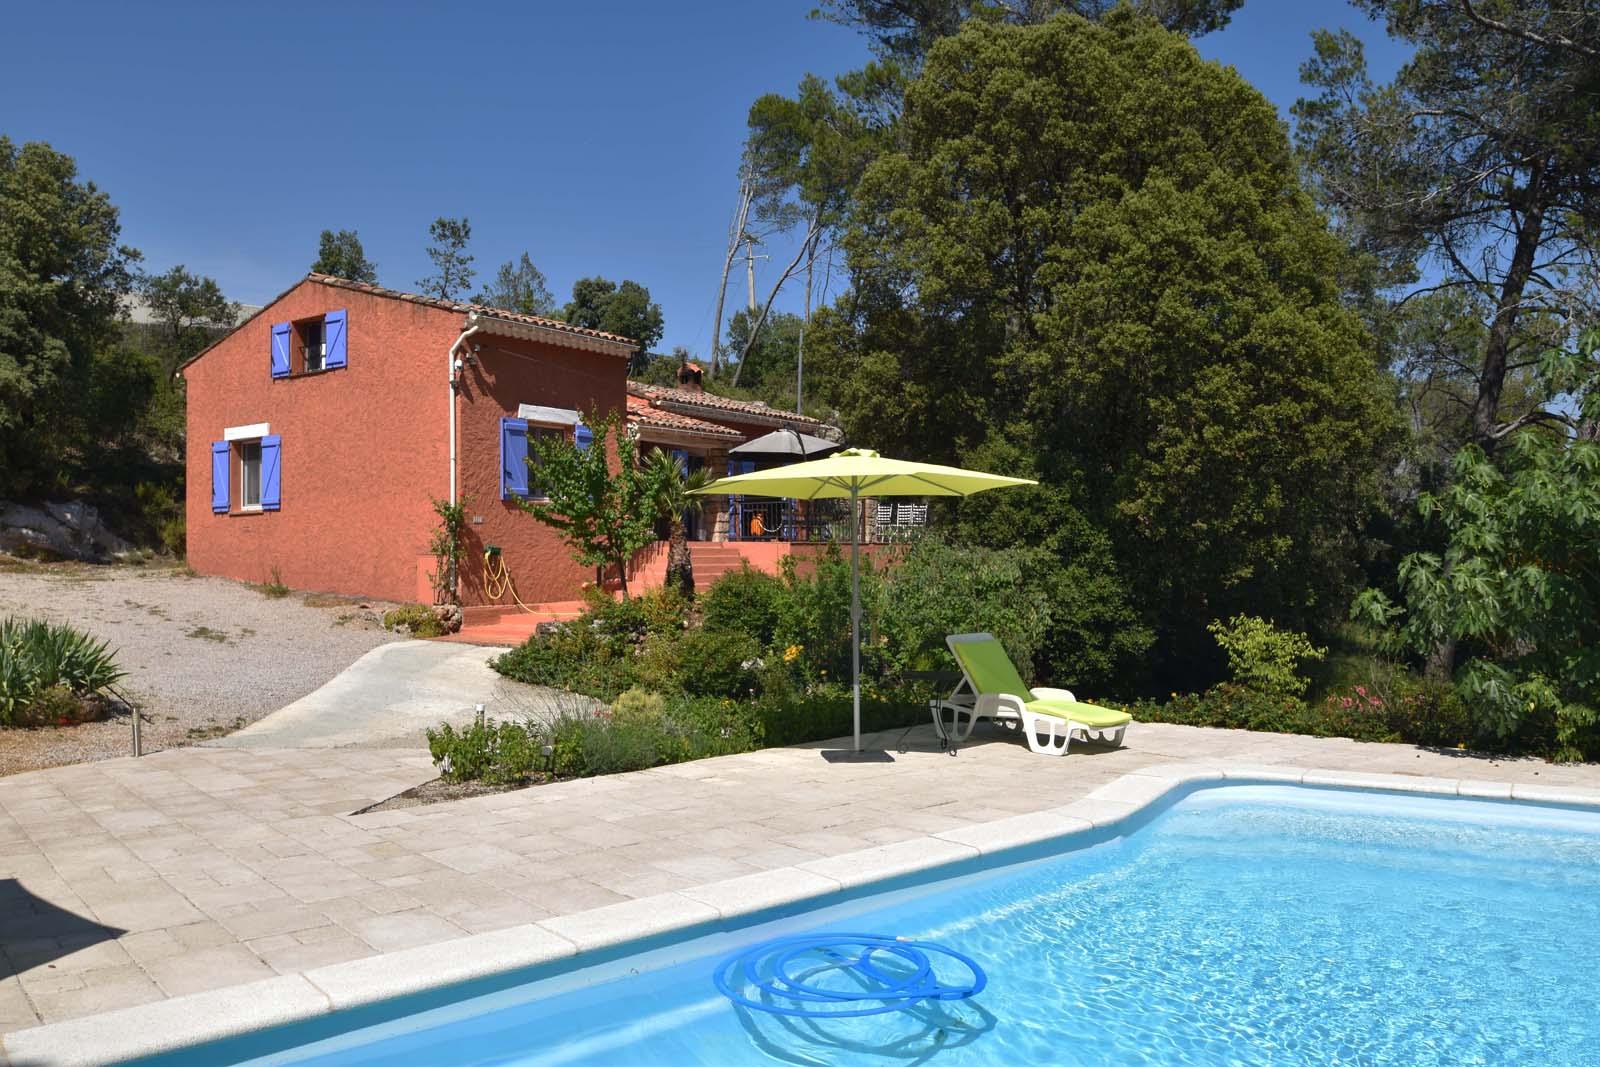 Vakantiehuis met zwembad in Provence-Côte d'Azur in Sillans-la-Cascade (Frankrijk)